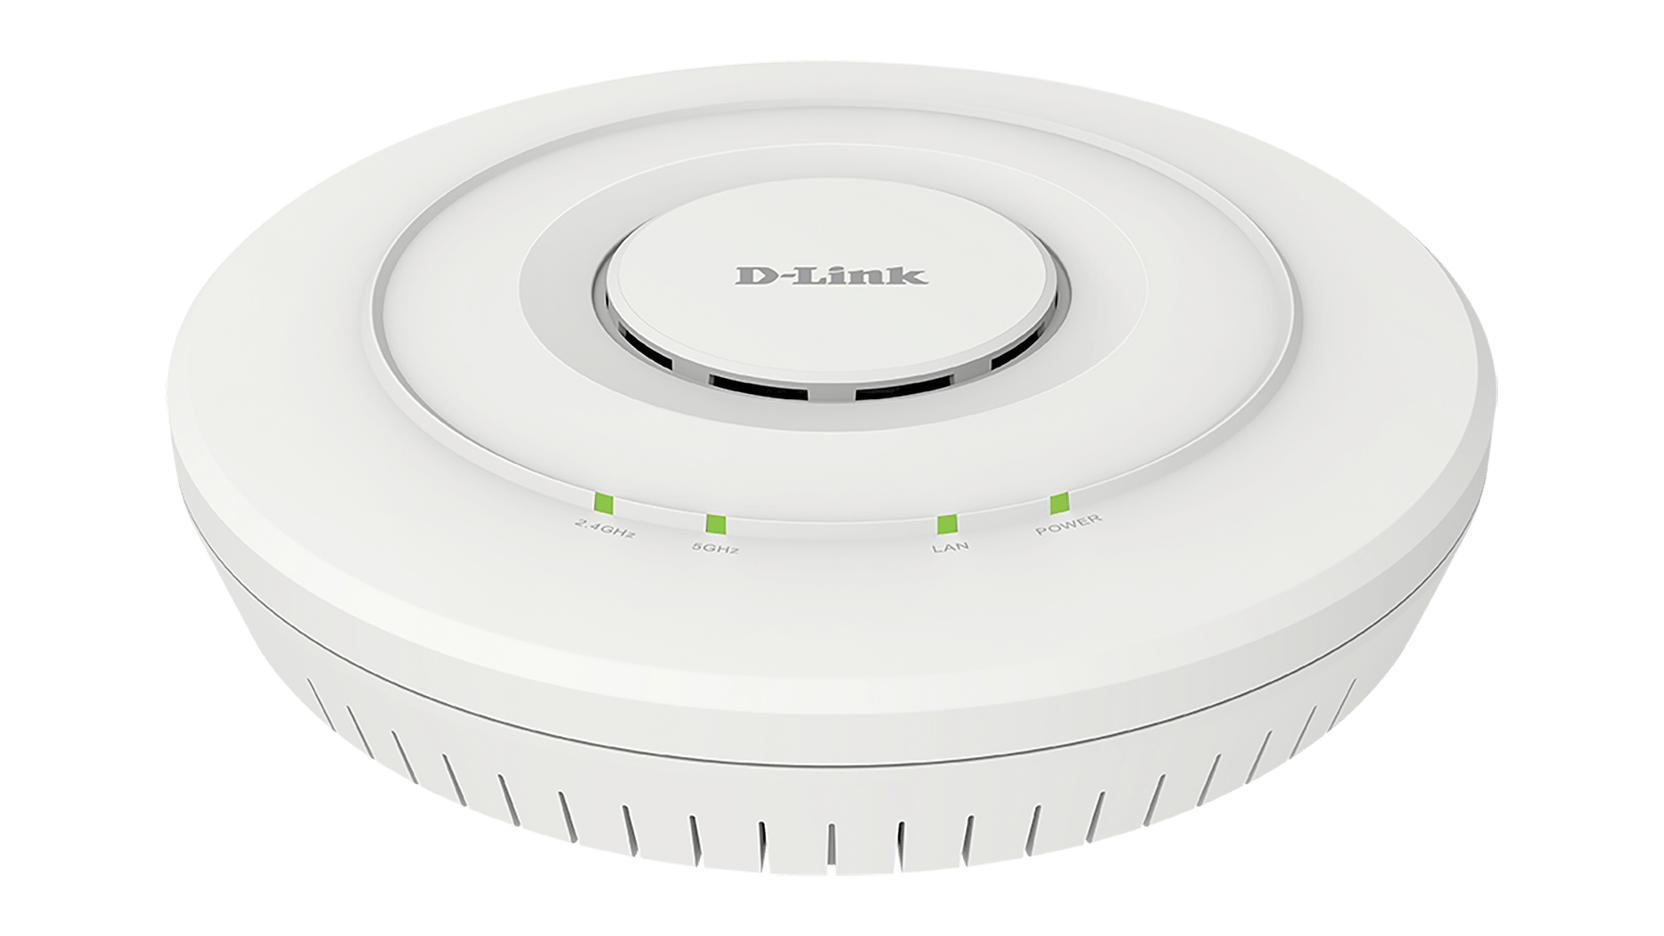 D-Link DWL-6610AP 1200Mbit-s Power over Ethernet (PoE) WLAN toegangspunt